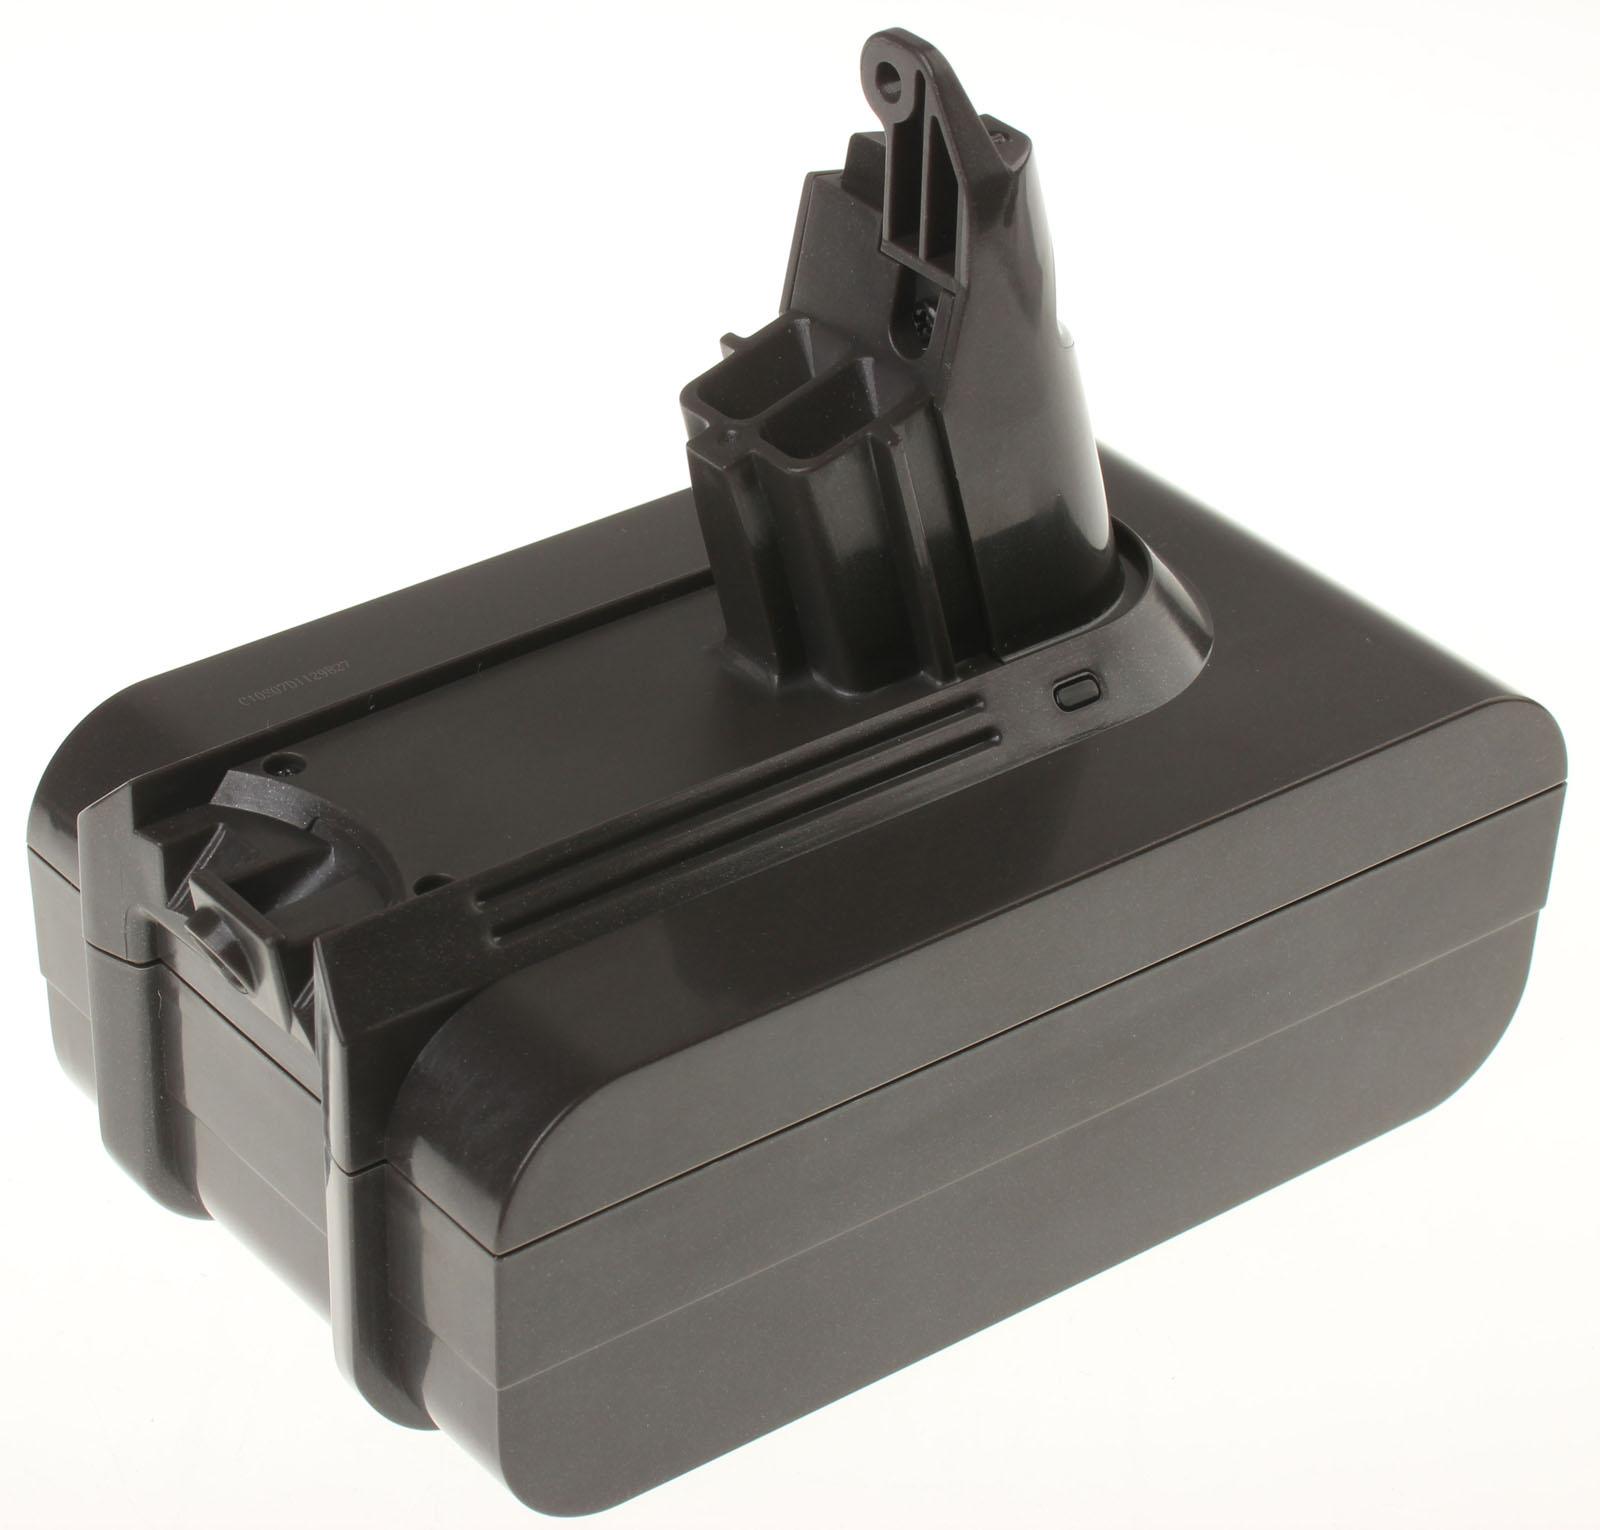 Аккумулятор для dyson v6 total clean дайсон пылесос фильтр